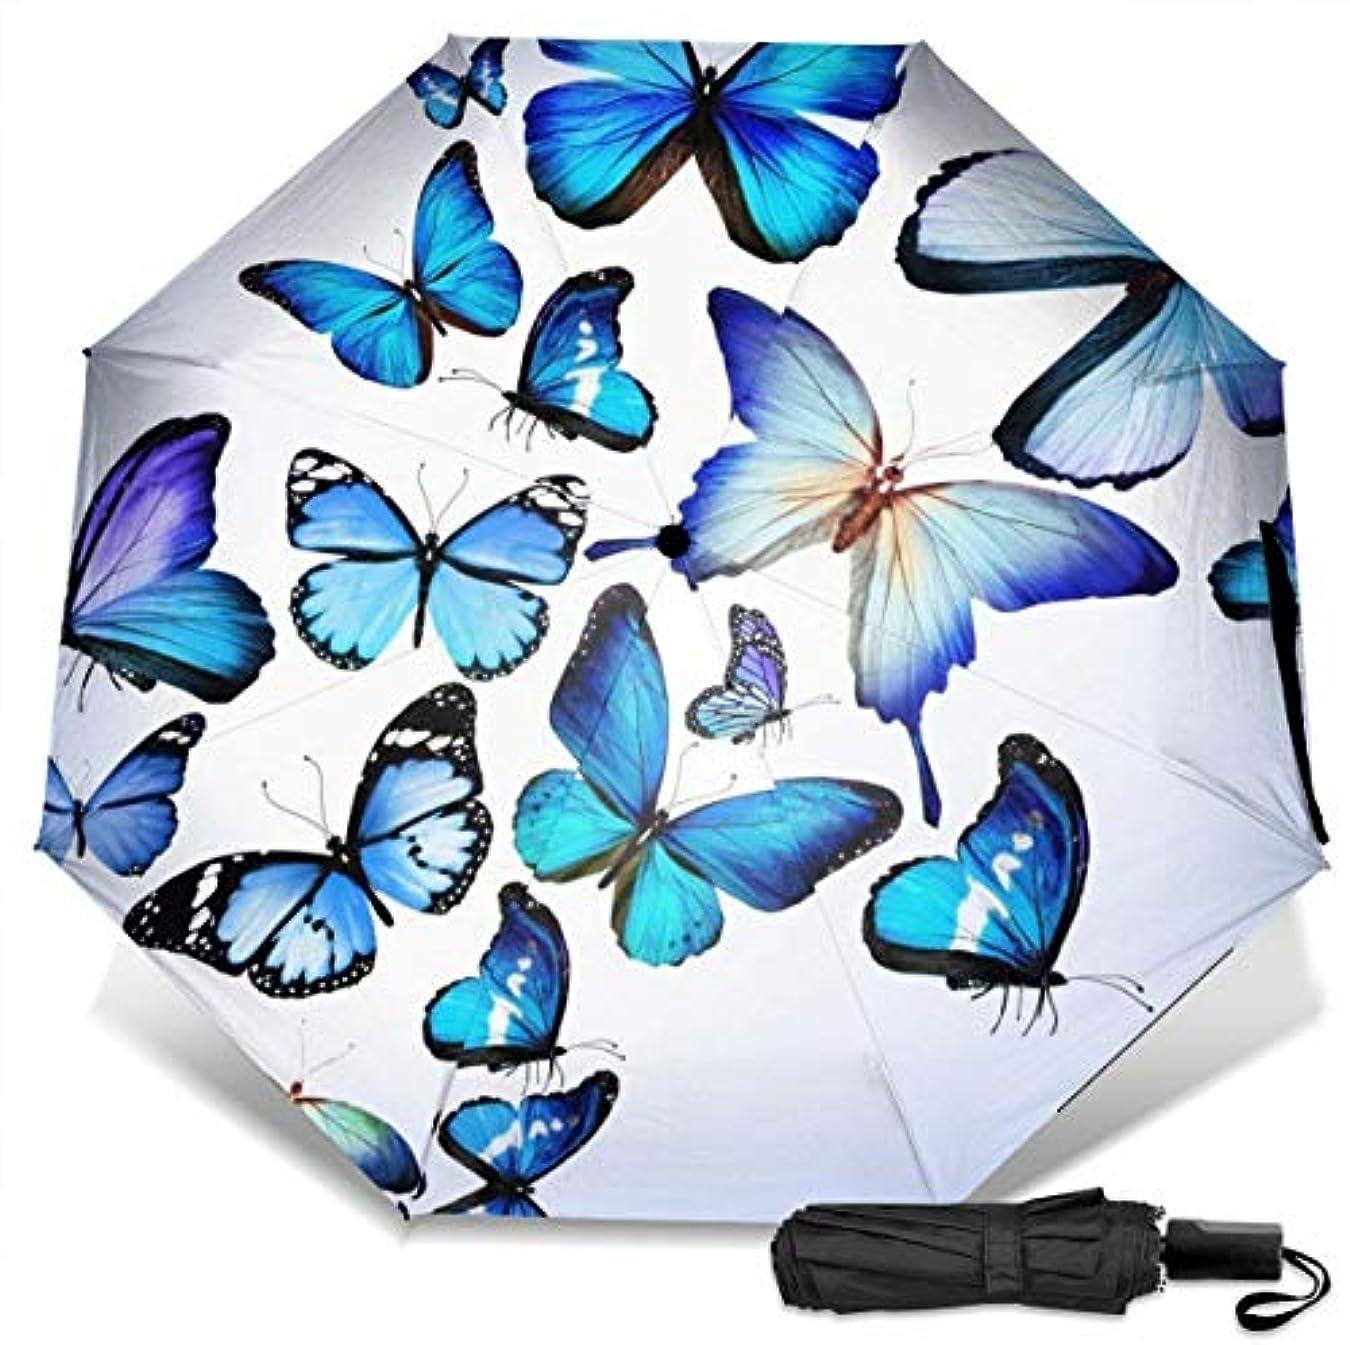 フリンジアコースキャンダル美しくて本物の青い蝶のアート折りたたみ傘 軽量 手動三つ折り傘 日傘 耐風撥水 晴雨兼用 遮光遮熱 紫外線対策 携帯用かさ 出張旅行通勤 女性と男性用 (黒ゴム)